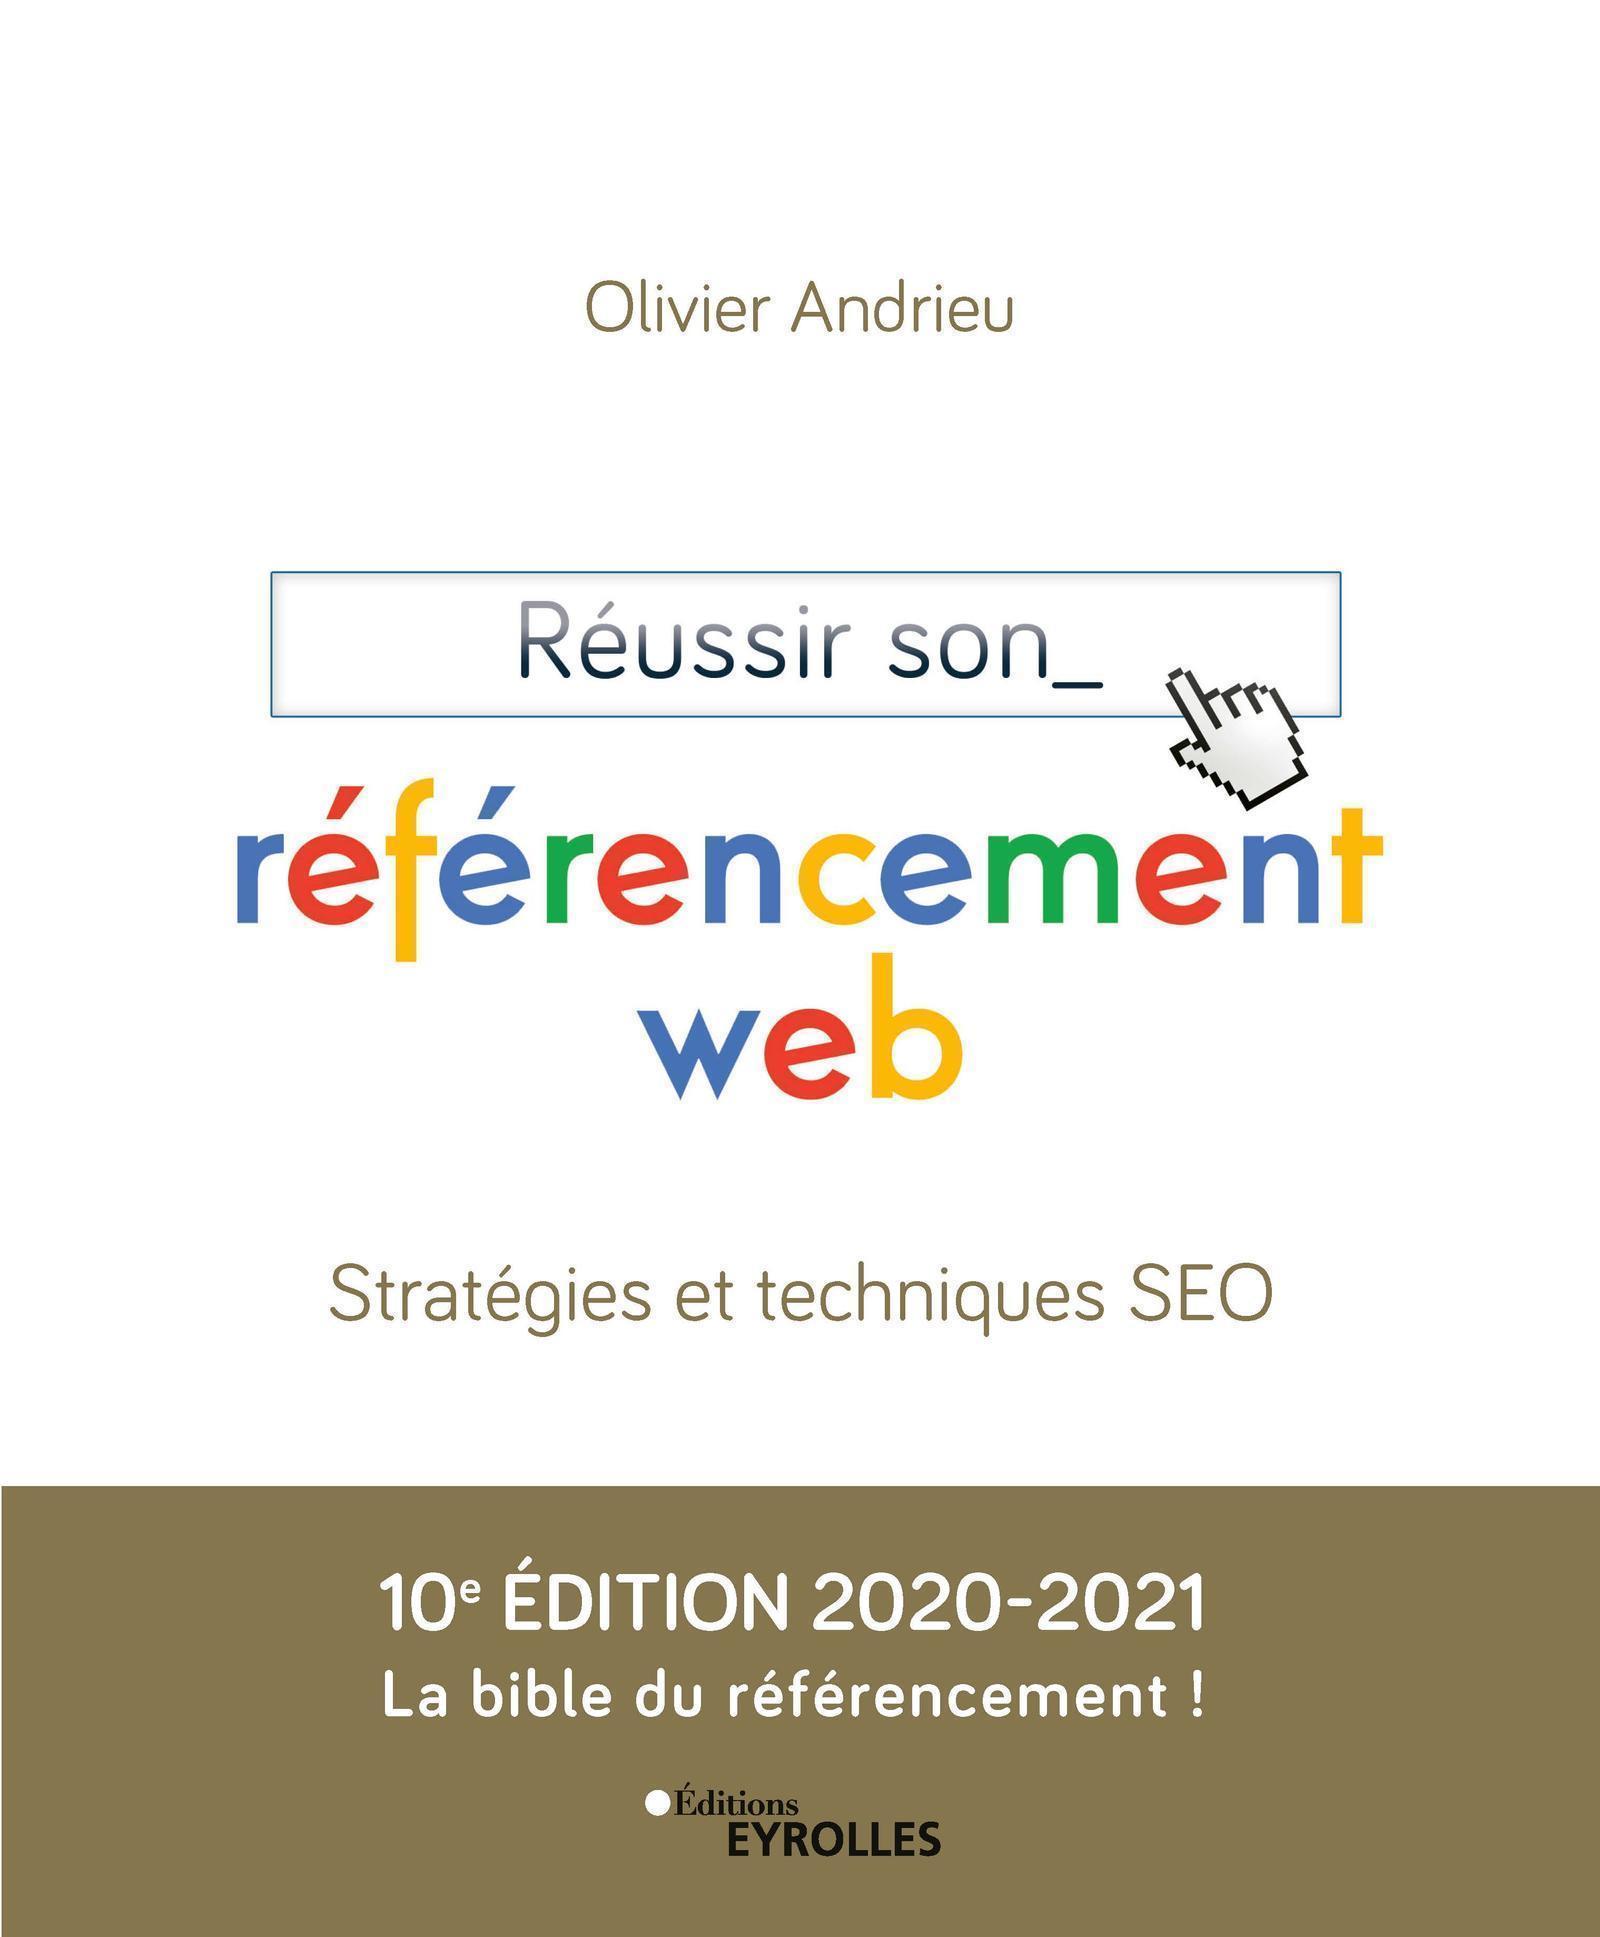 Vignette du livre Réussir son référencement web: stratégie et techniques SEO